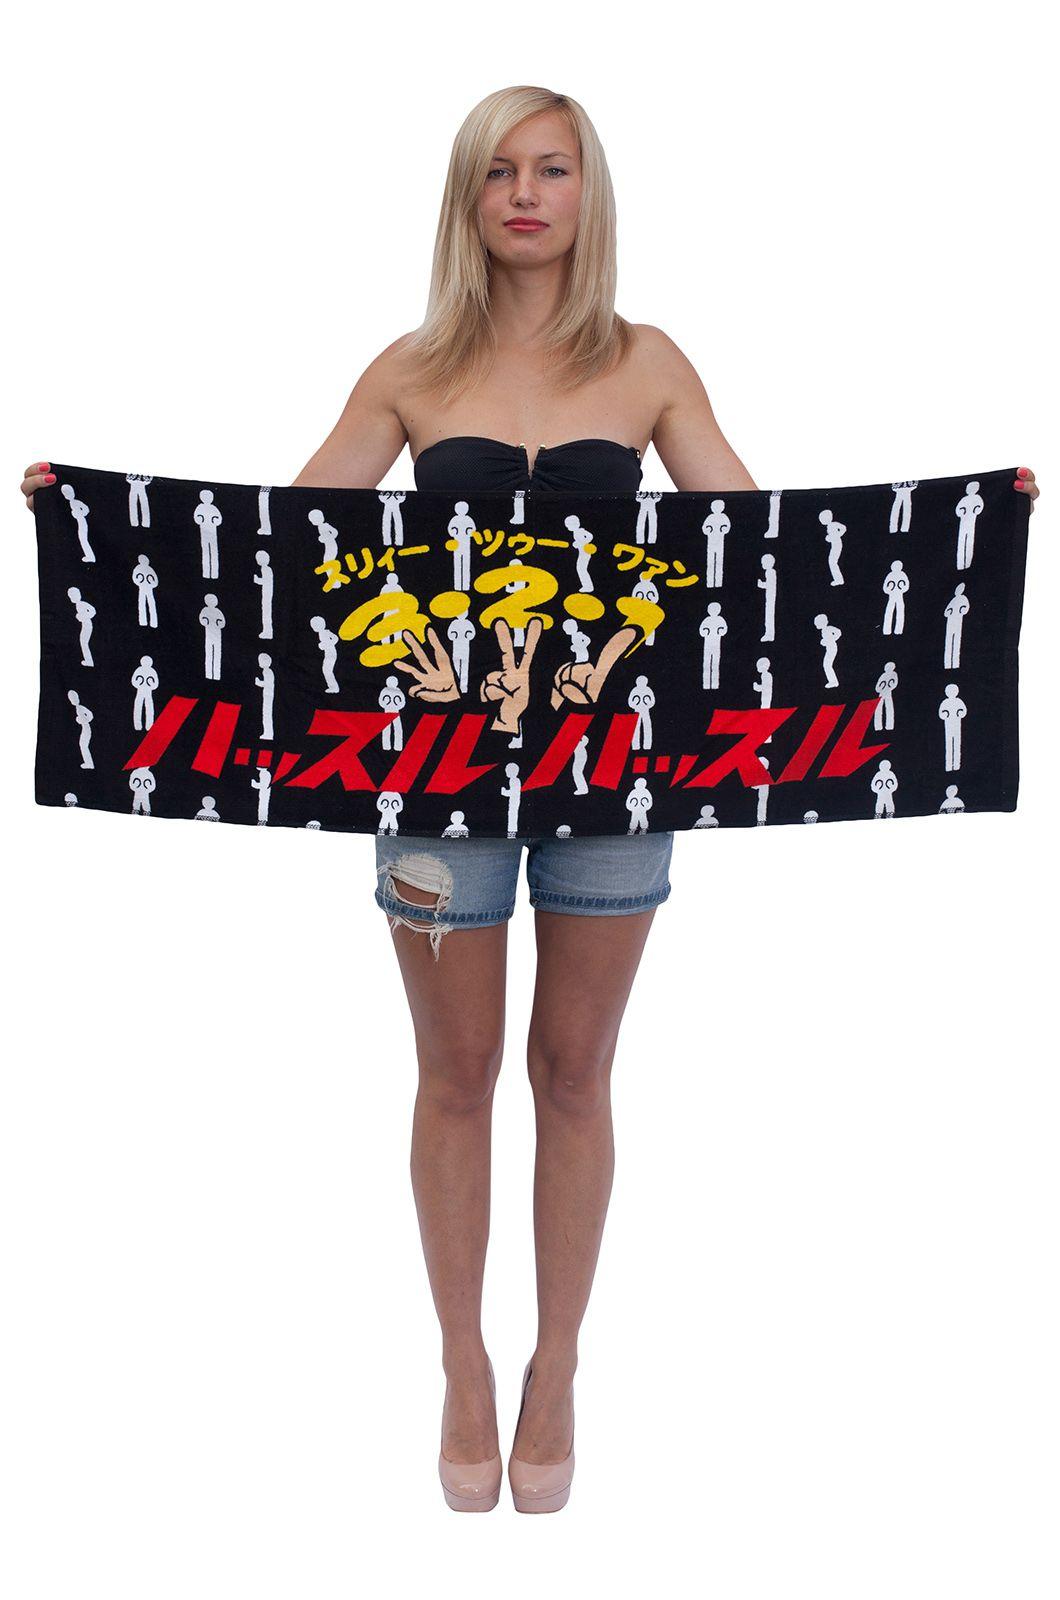 Полотенце с прикольным рисунком - купить онлайн в интернет-магазине